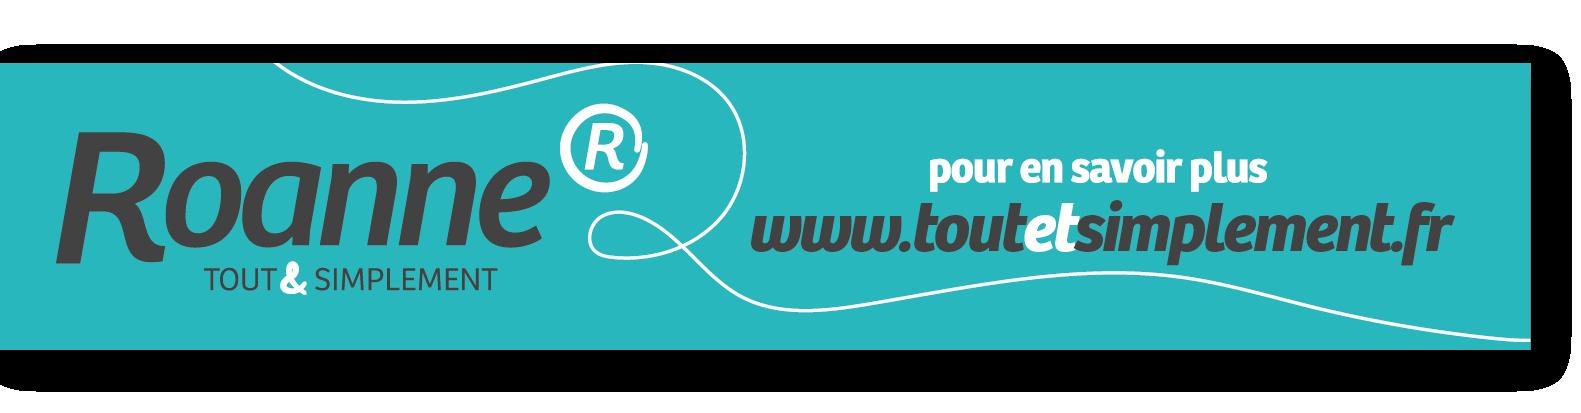 Ad Res ConseiL : Ambassadeur de Roanne Tout & Simplement.